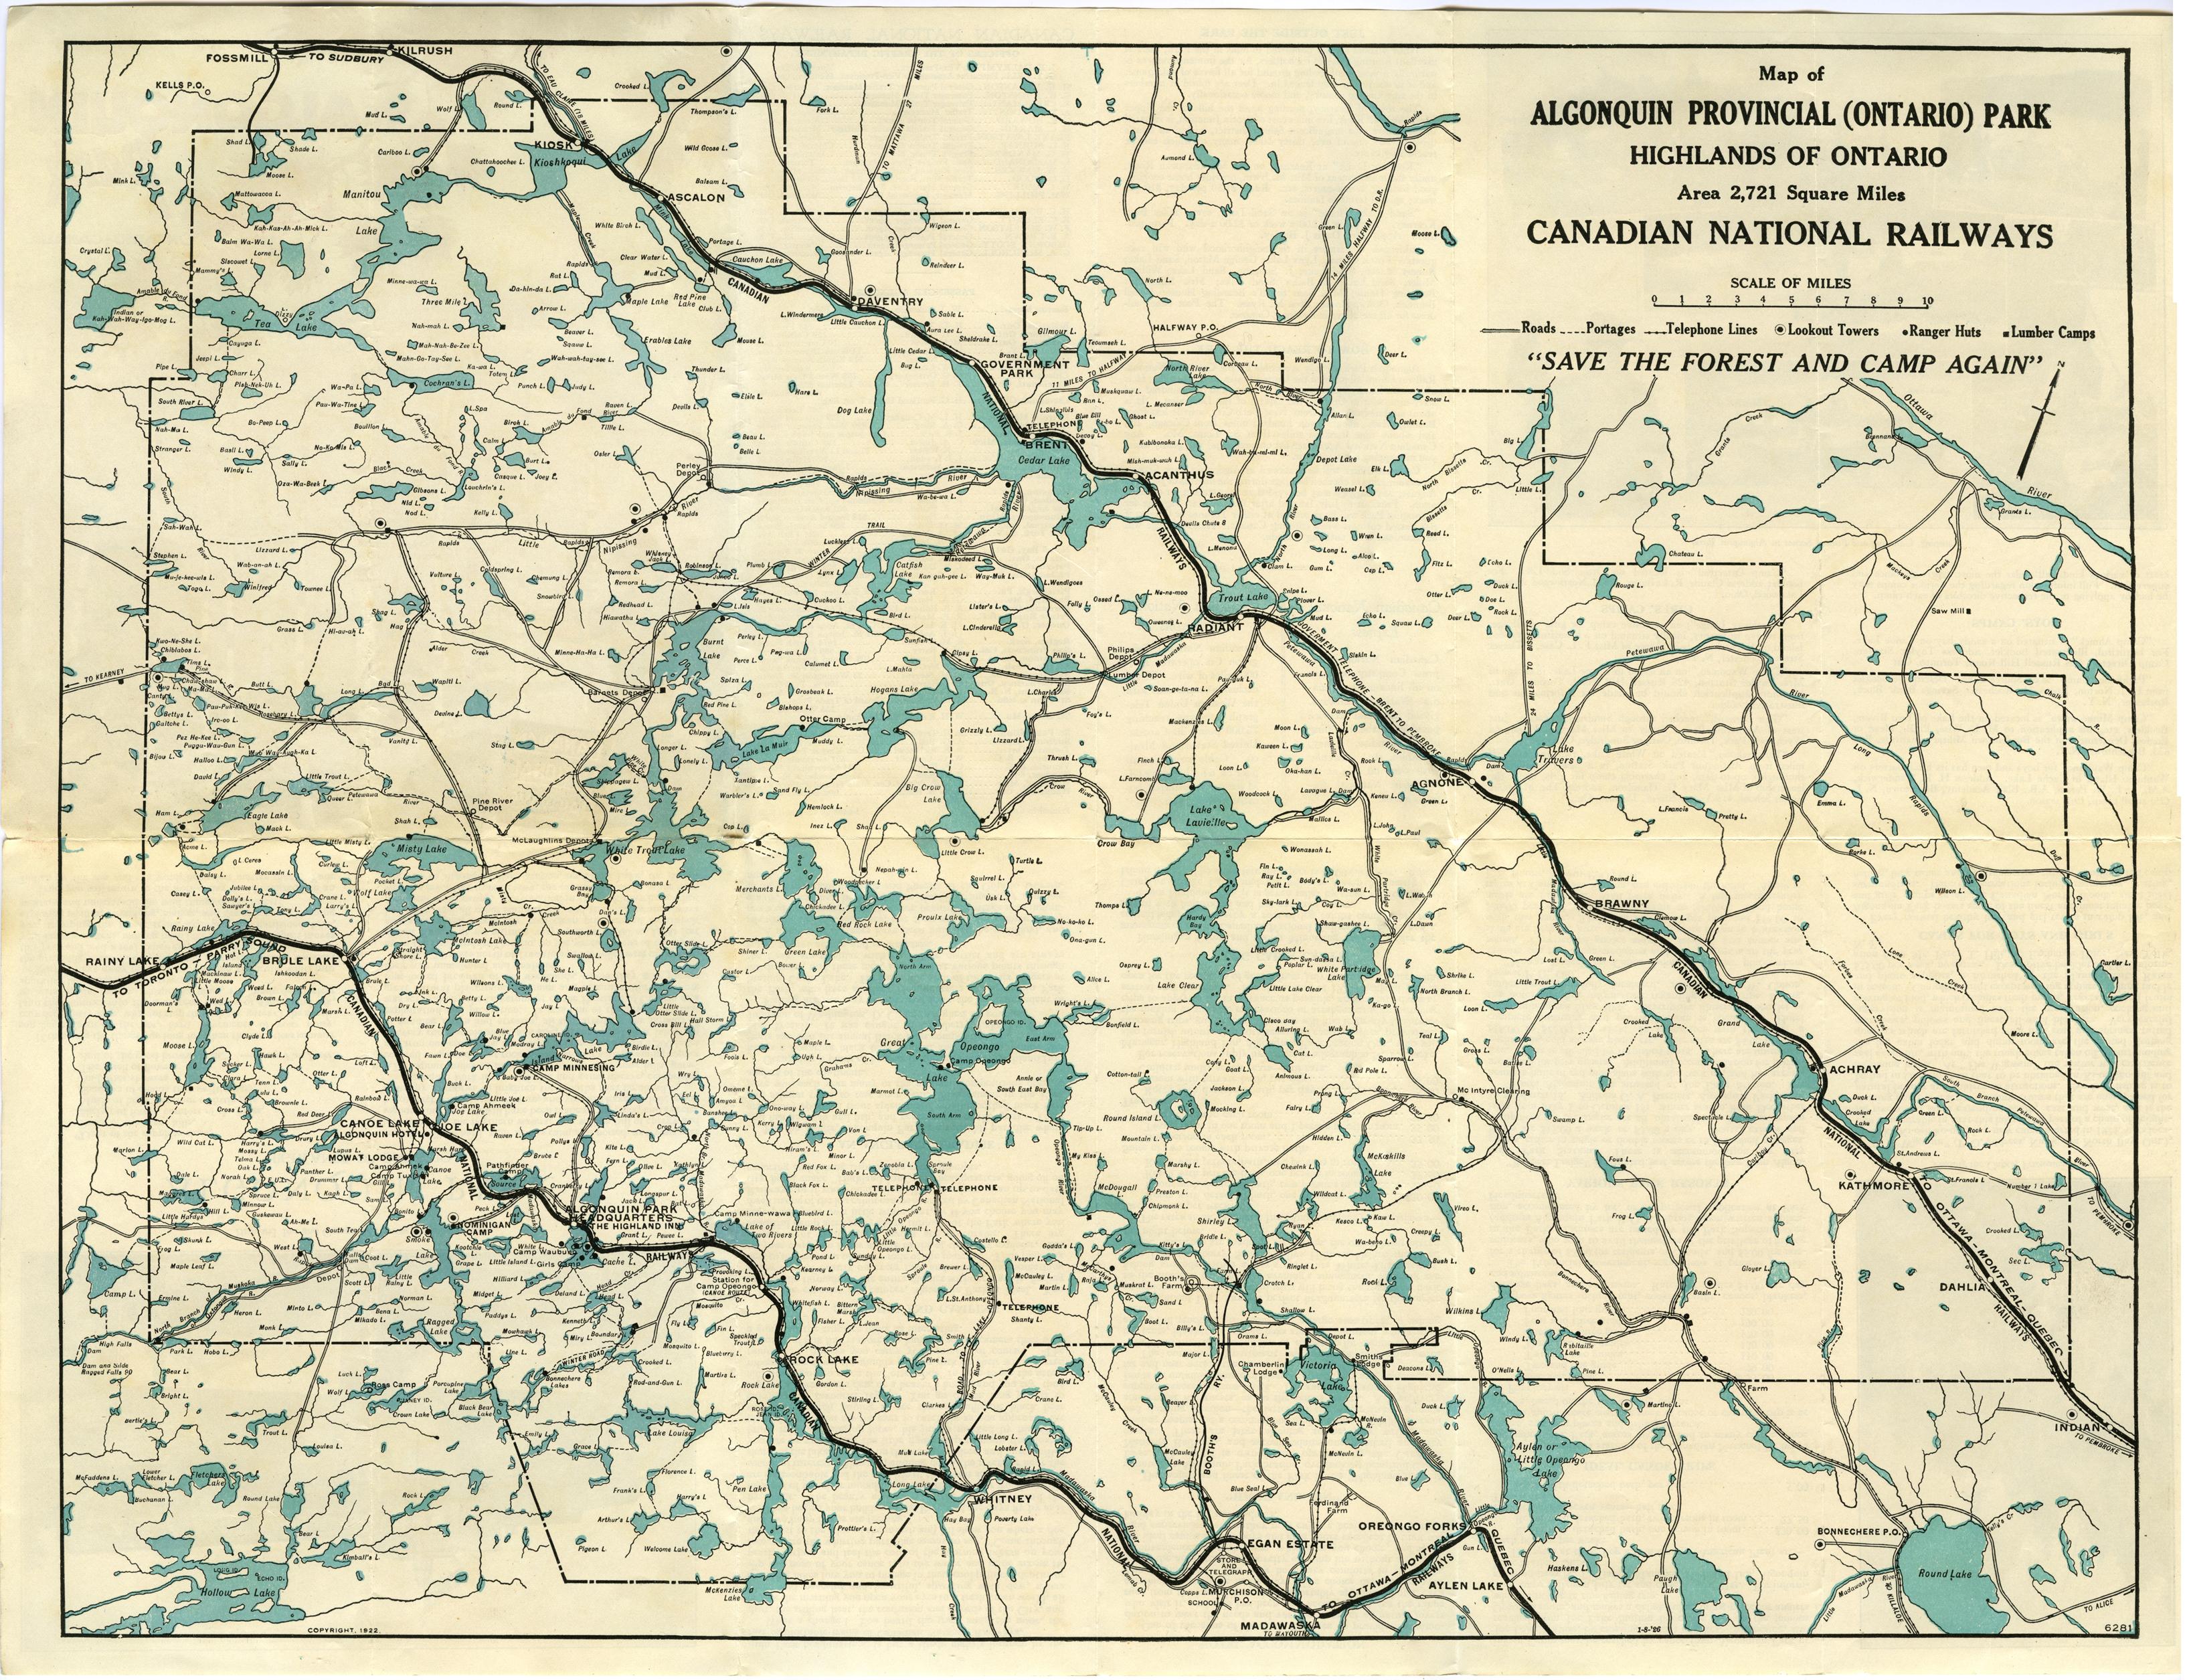 Algonquin Park Map File:1922 cnr algonquin park map halfsize.   Wikimedia Commons Algonquin Park Map